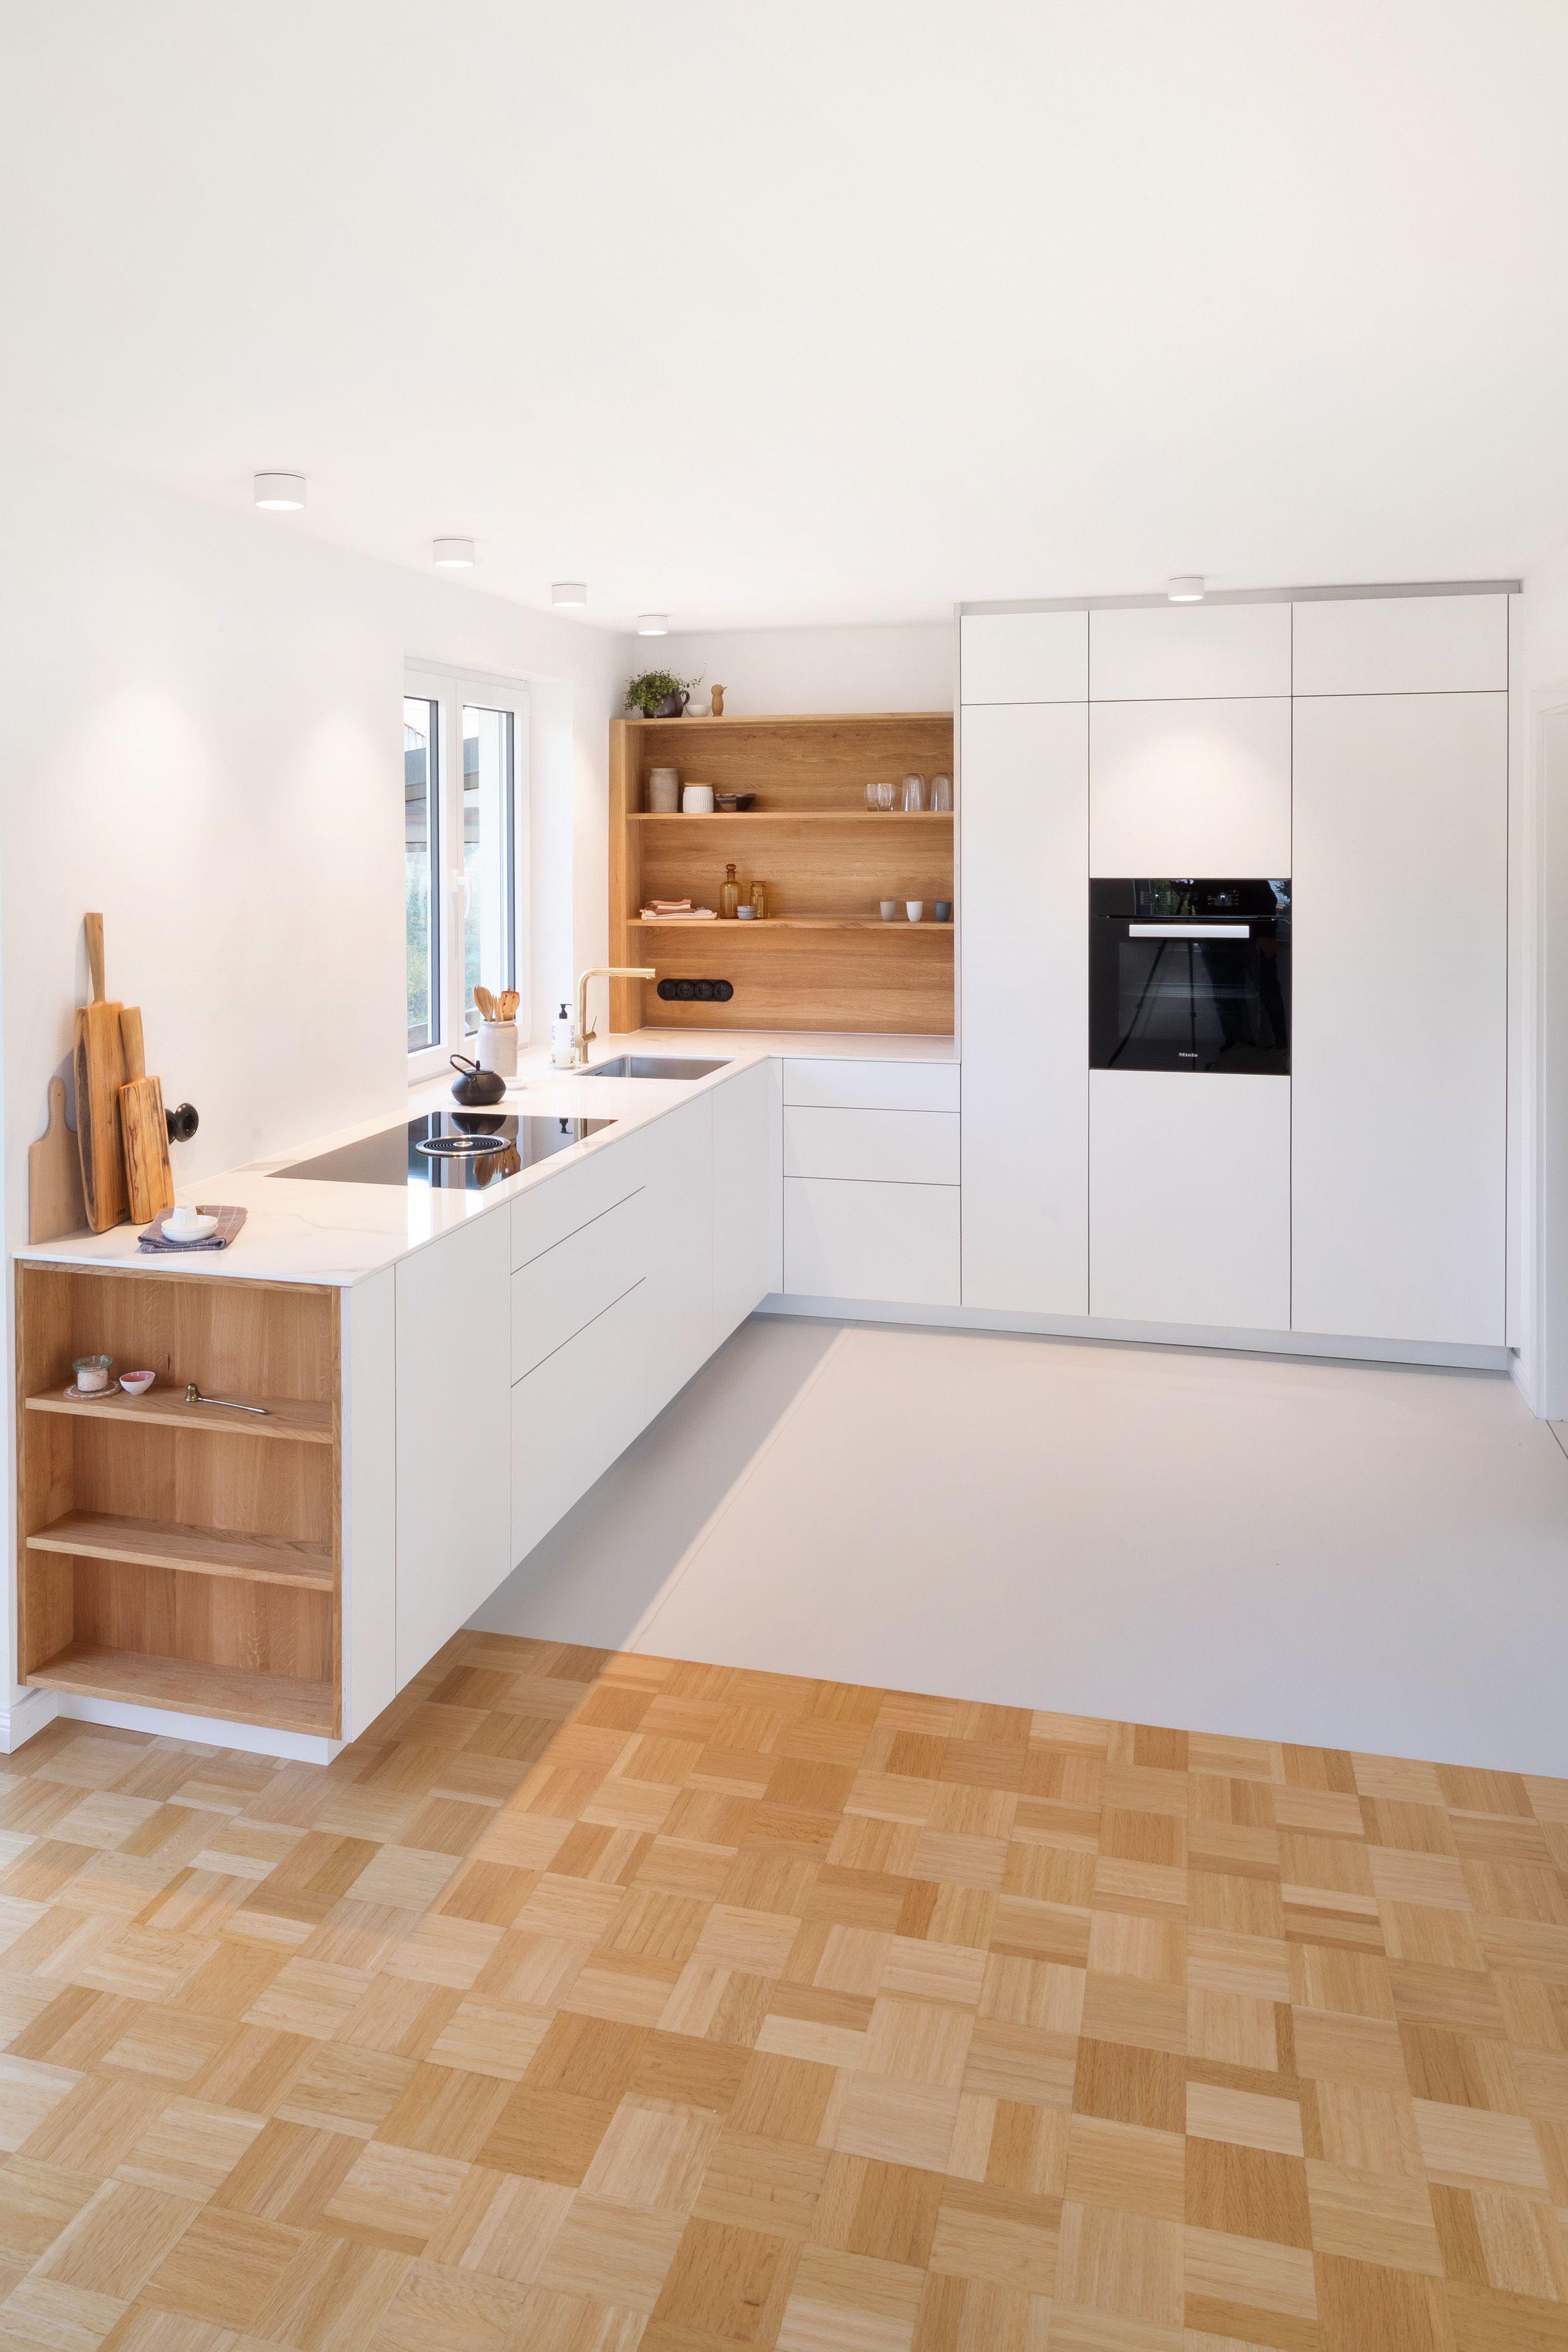 Schreinerküche  Grifflos  Deckenhoch  Design  Modernes Wohnen